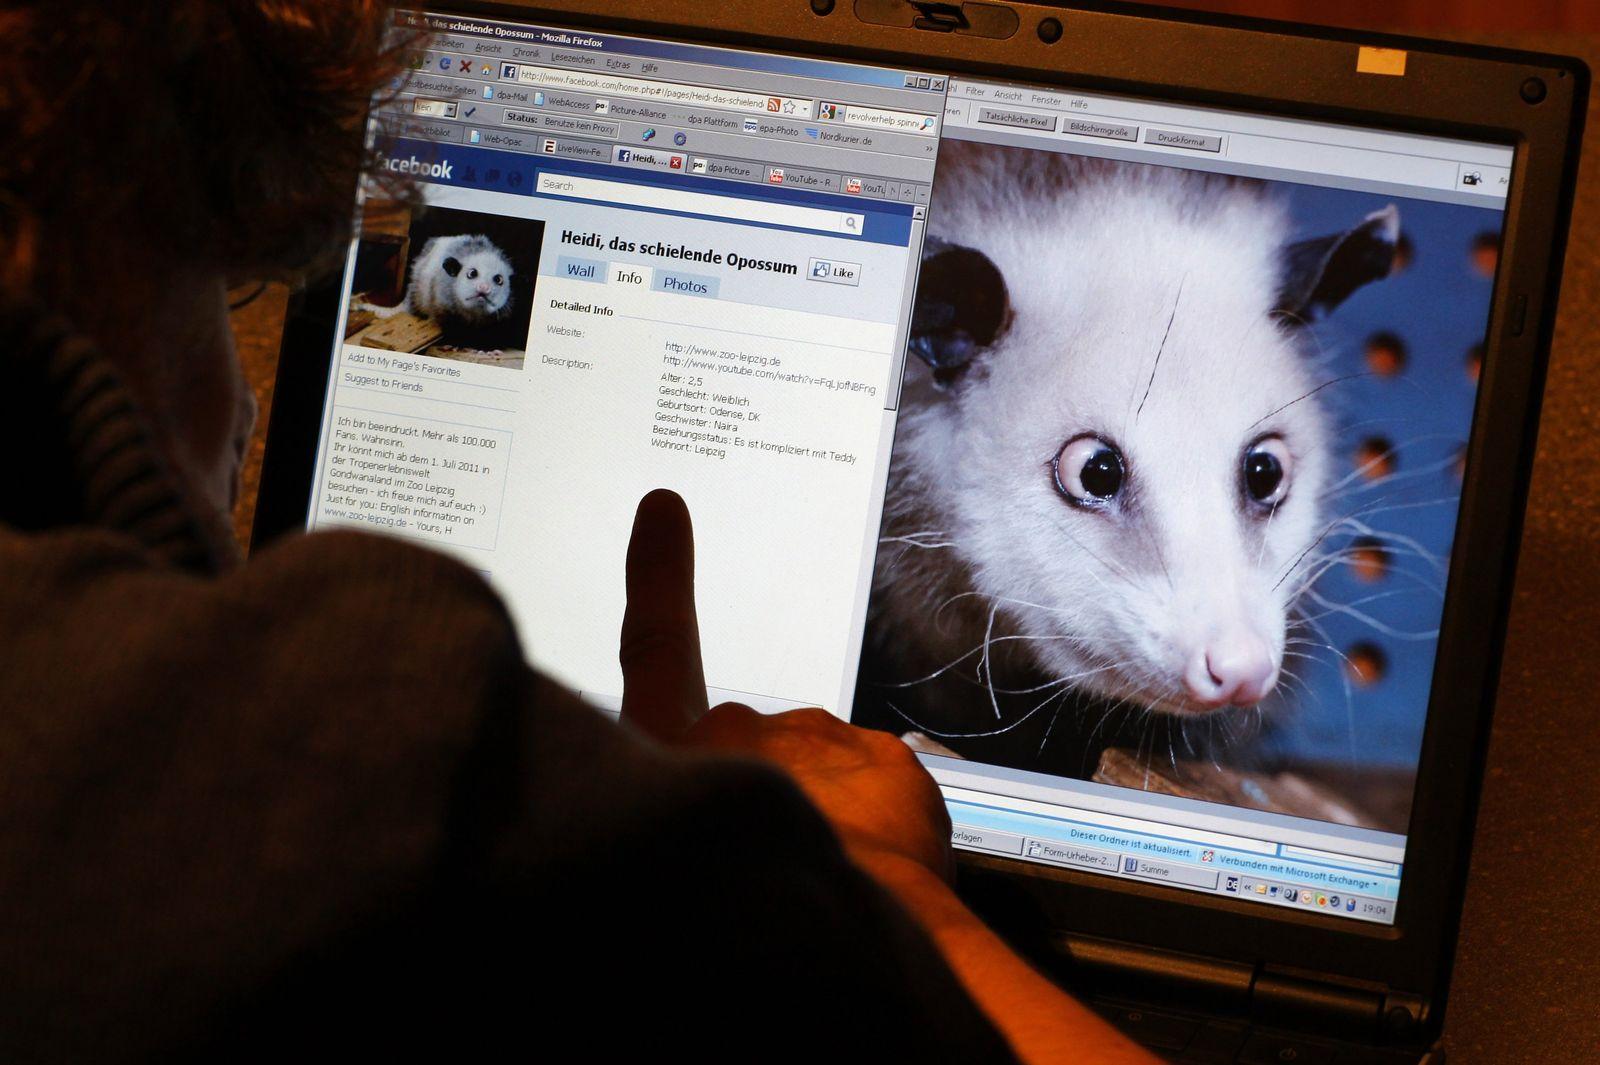 Facebookmj Opossum